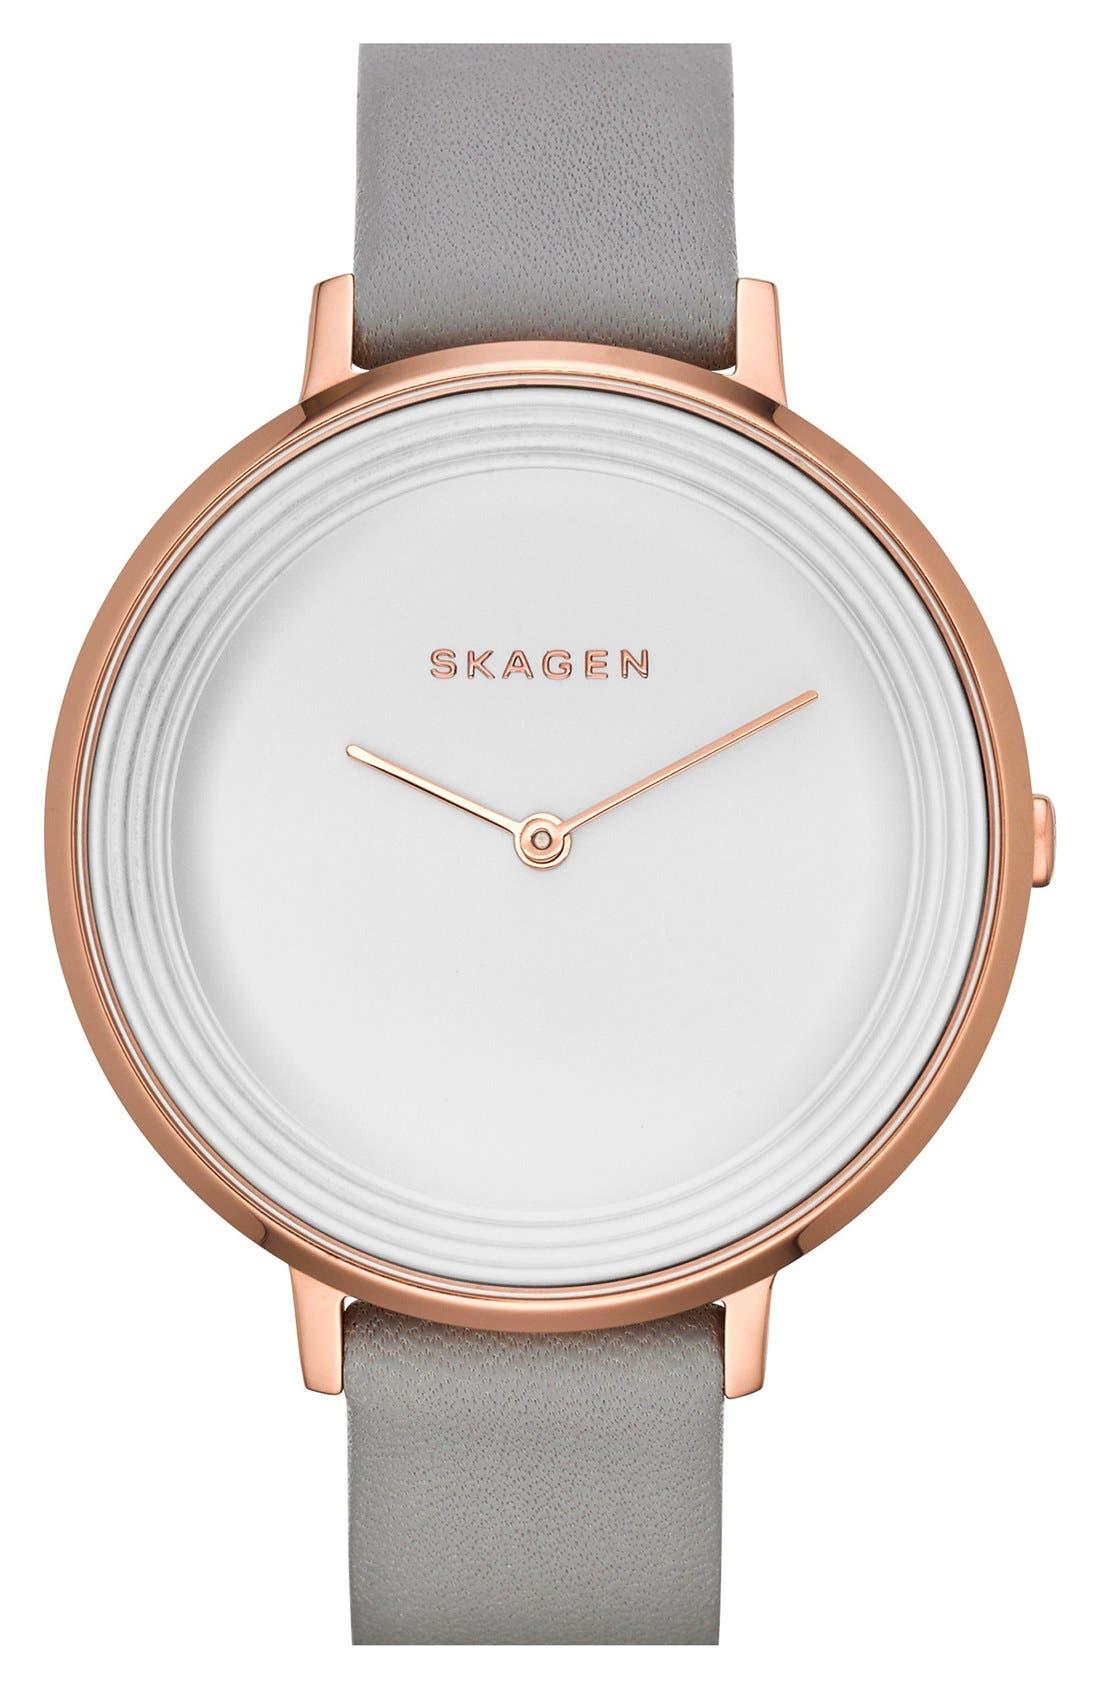 Main Image - Skagen 'Gitte' Round Slim Leather Strap Watch, 38mm